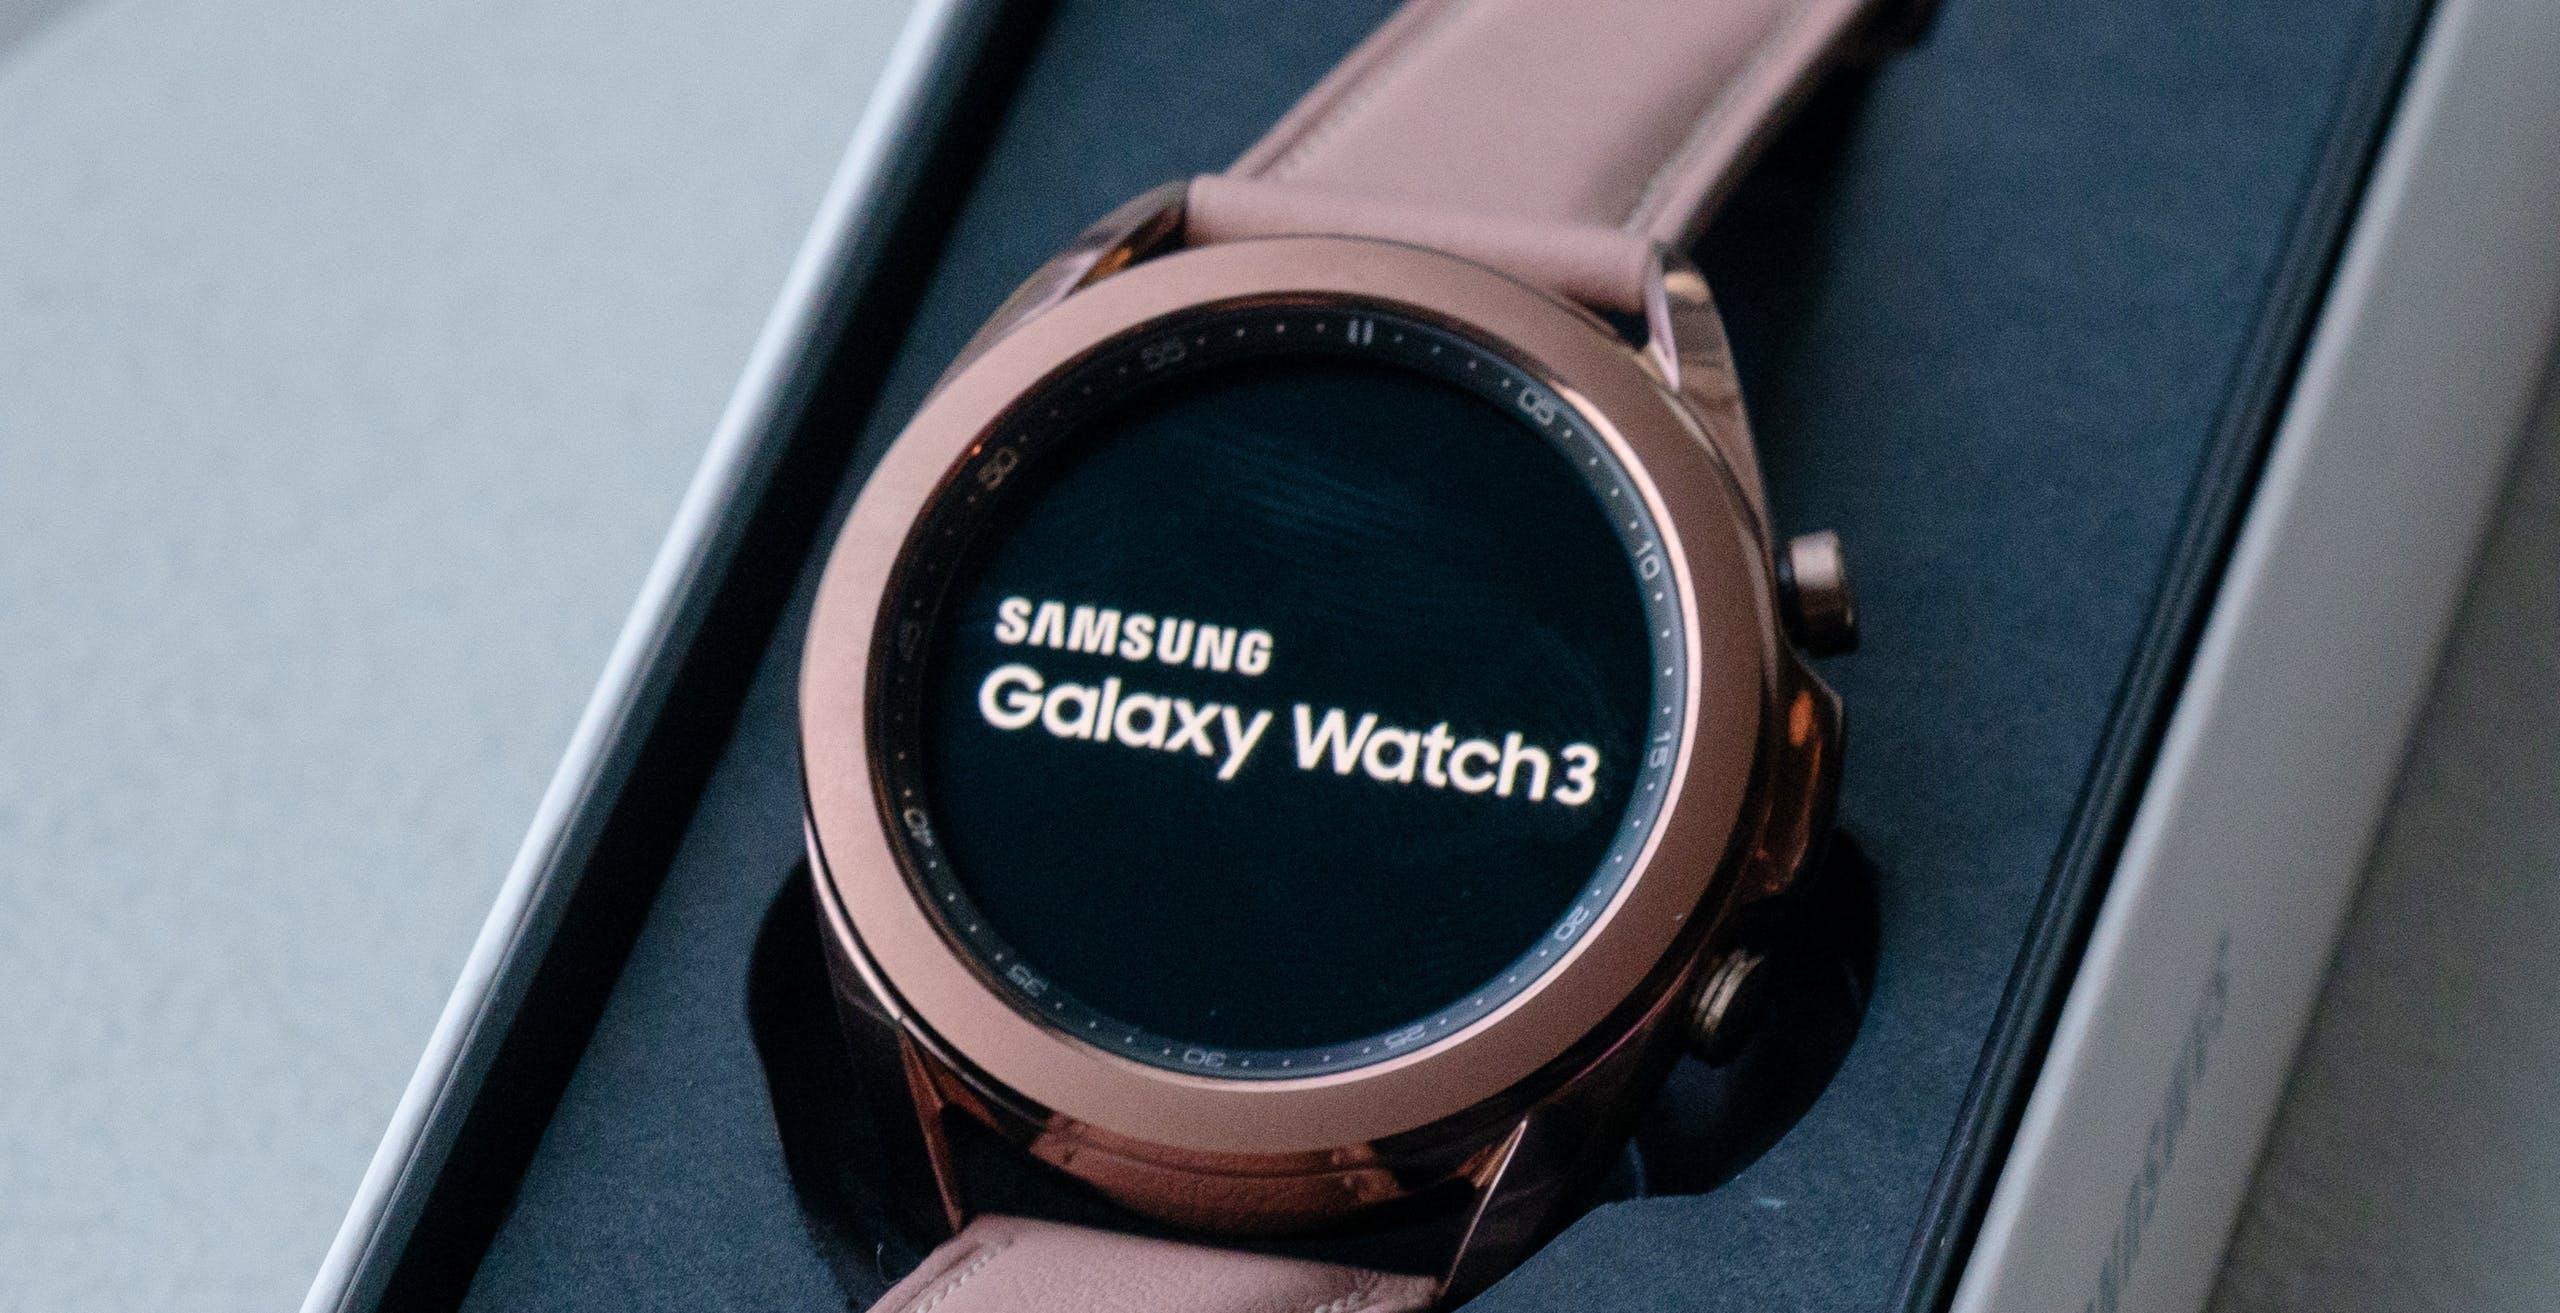 Samsung annuncia Galaxy Watch 3 disponibile anche in titanio. Misurerà anche l'ossigenazione del sangue